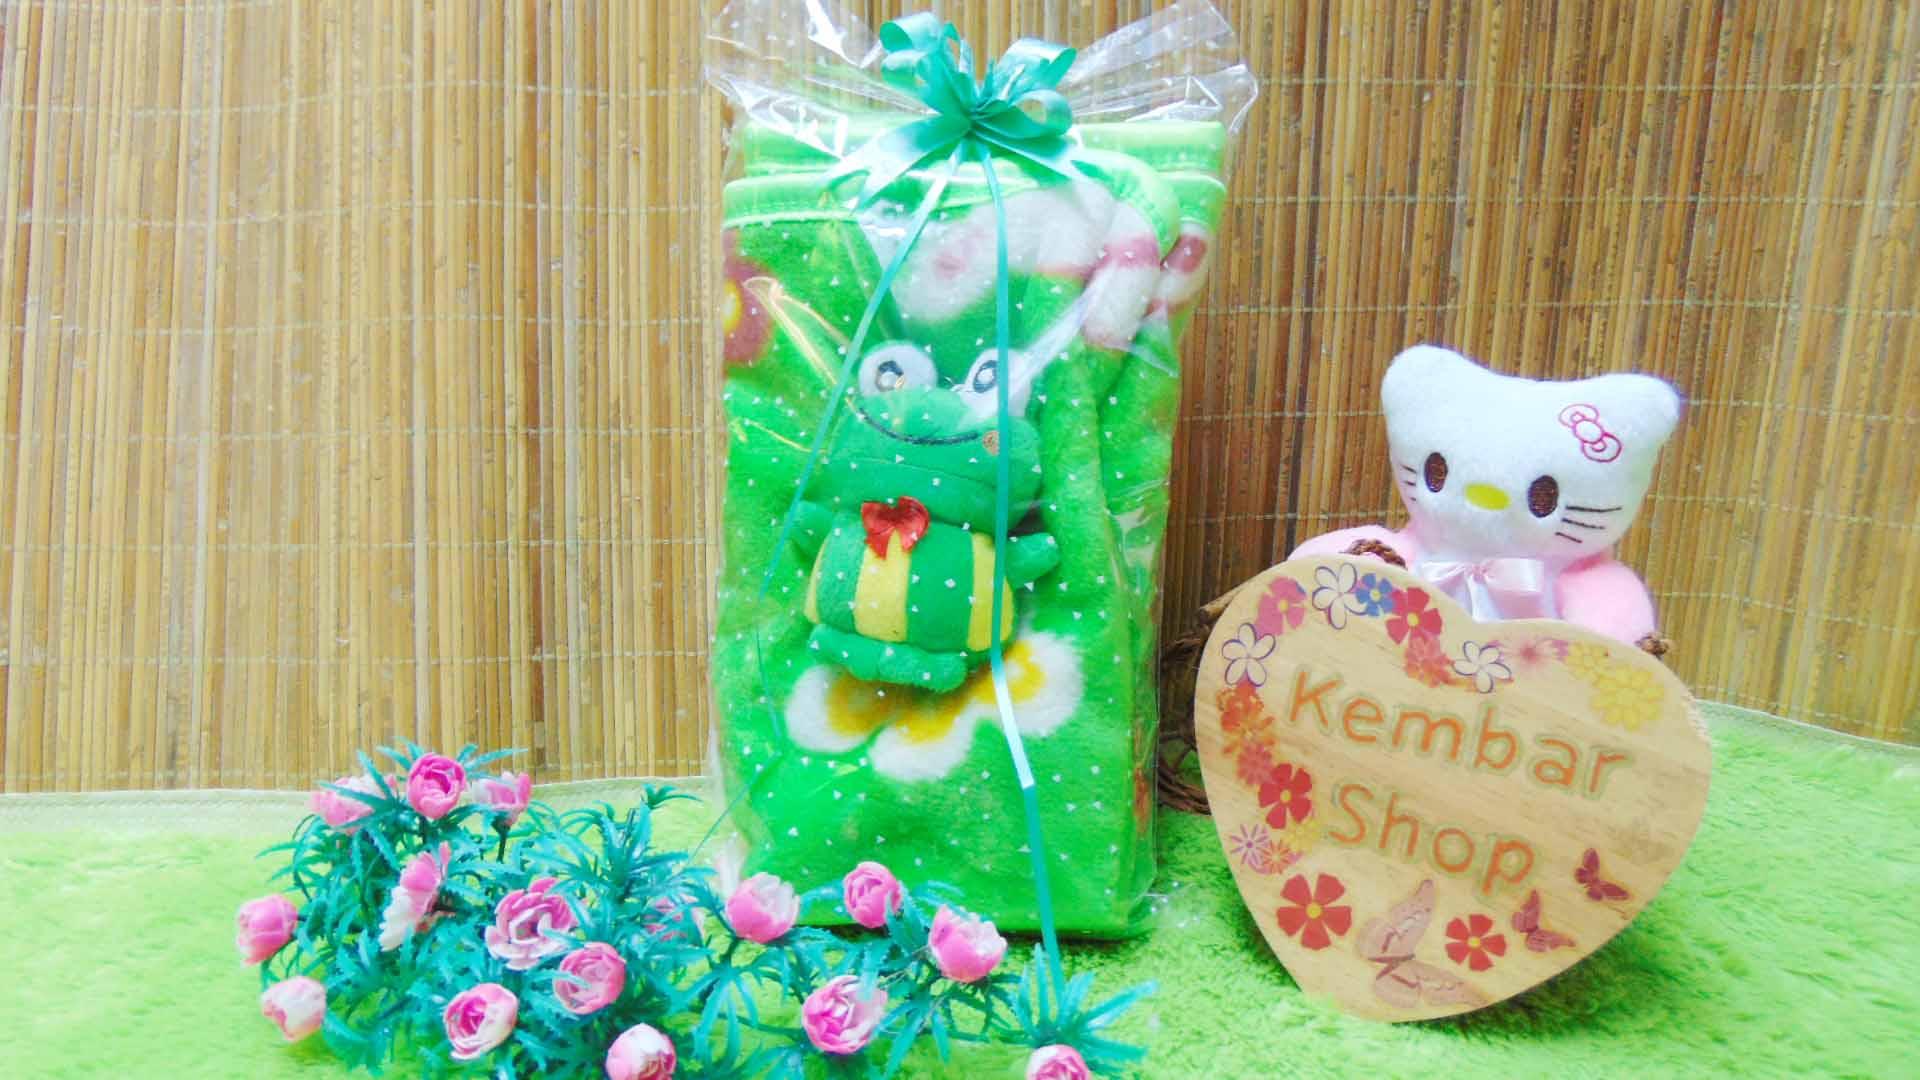 FREE KARTU UCAPAN kado bayi baby gift set selimut topi bayi bludru plus boneka (4)